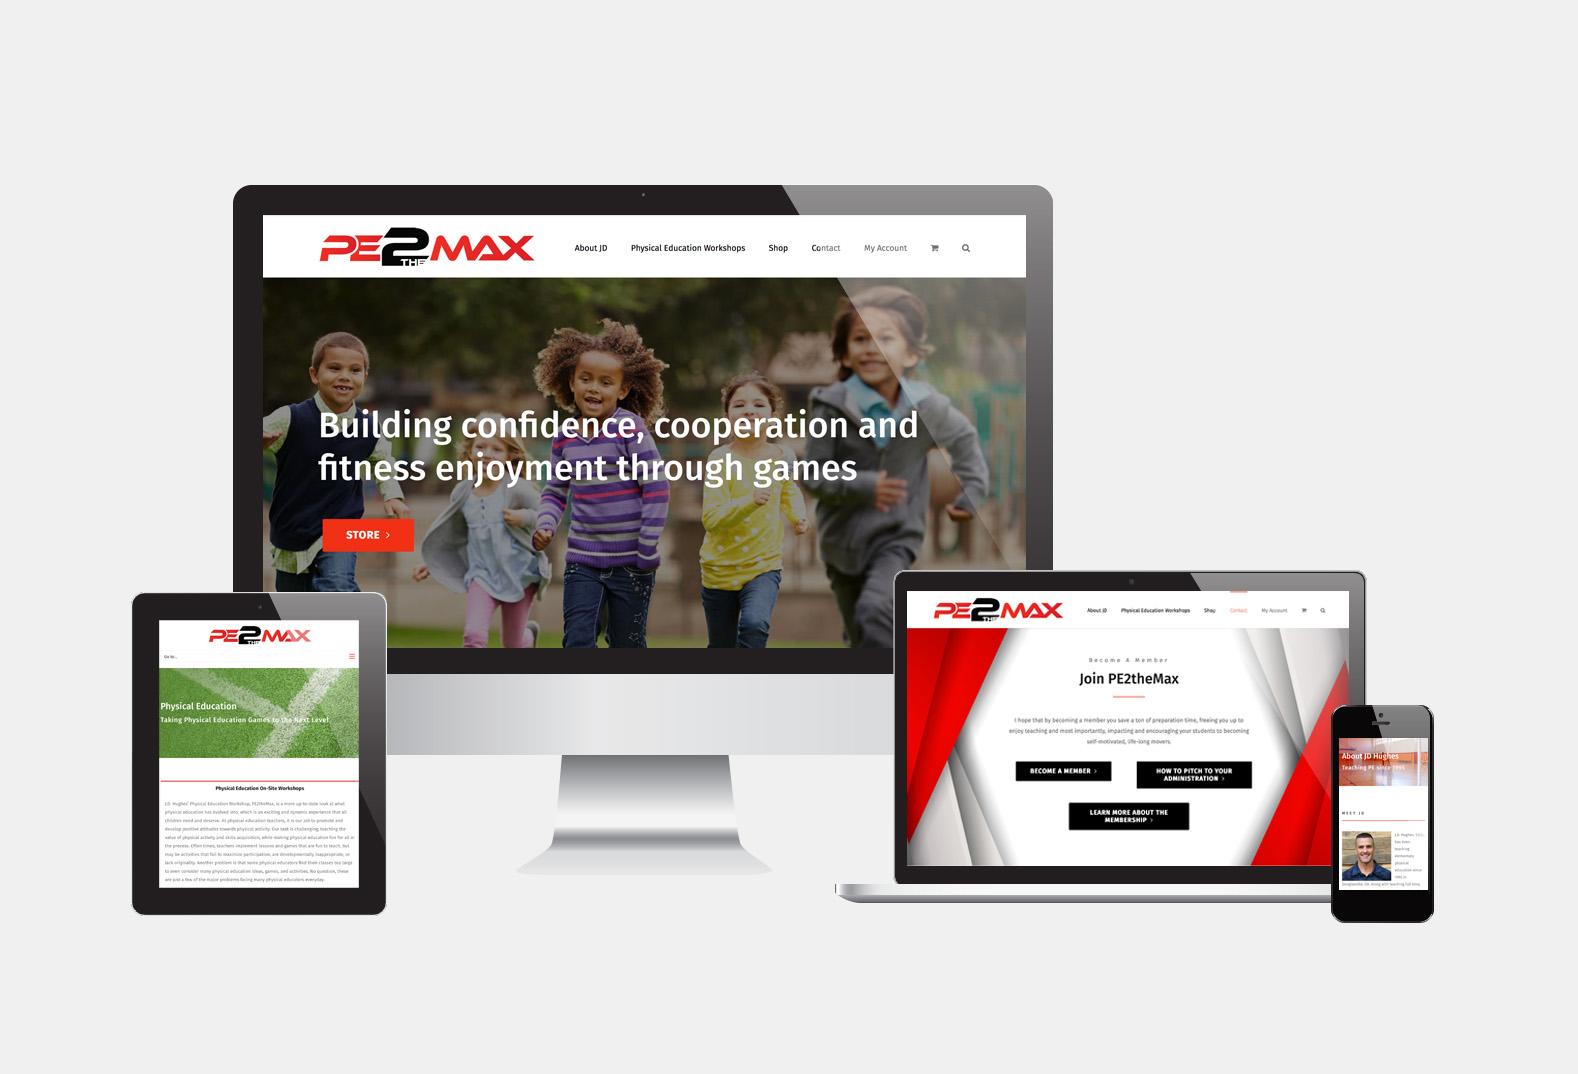 PE2theMax Website